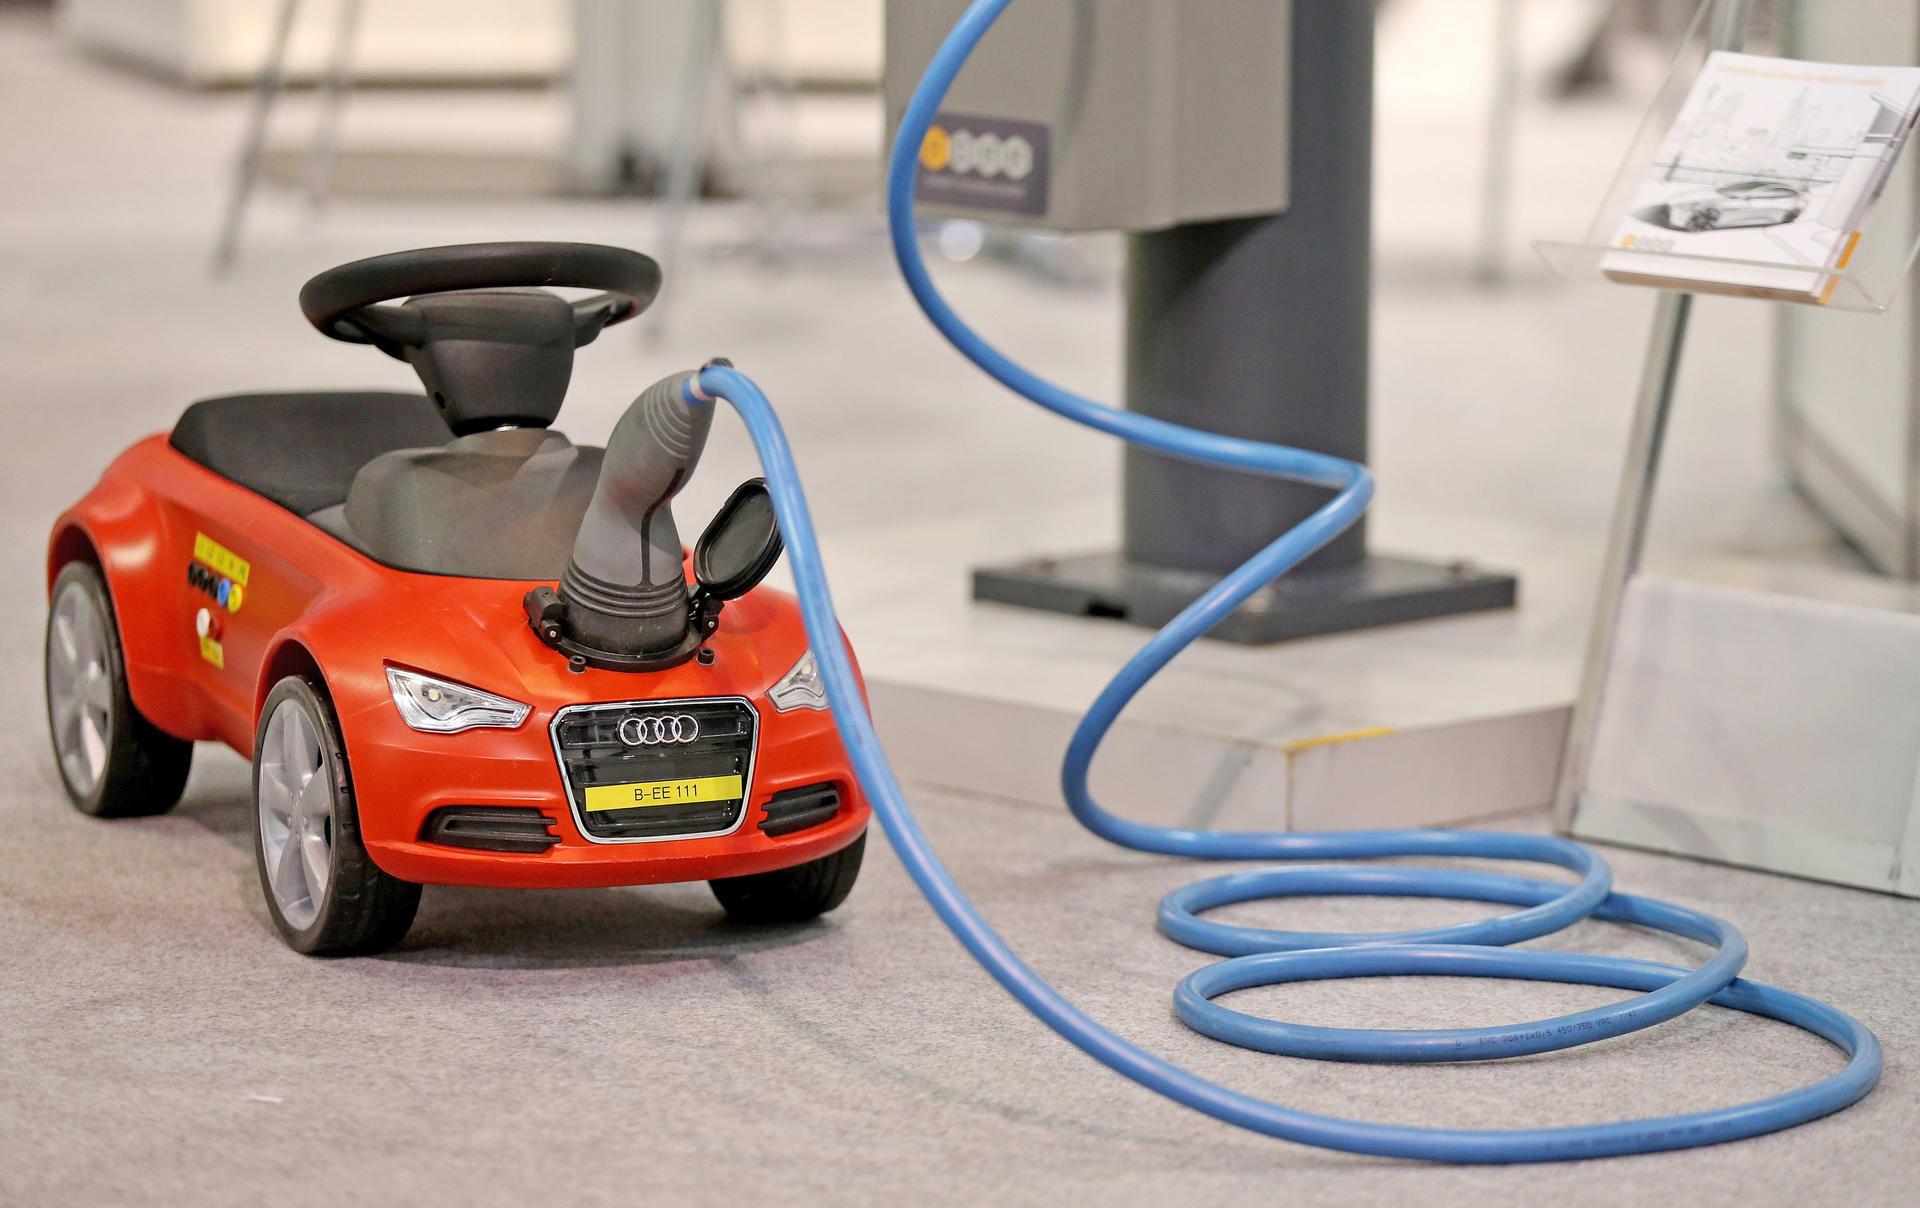 Elektroauto vs. Verbrenner: Ein Auslaufmodell